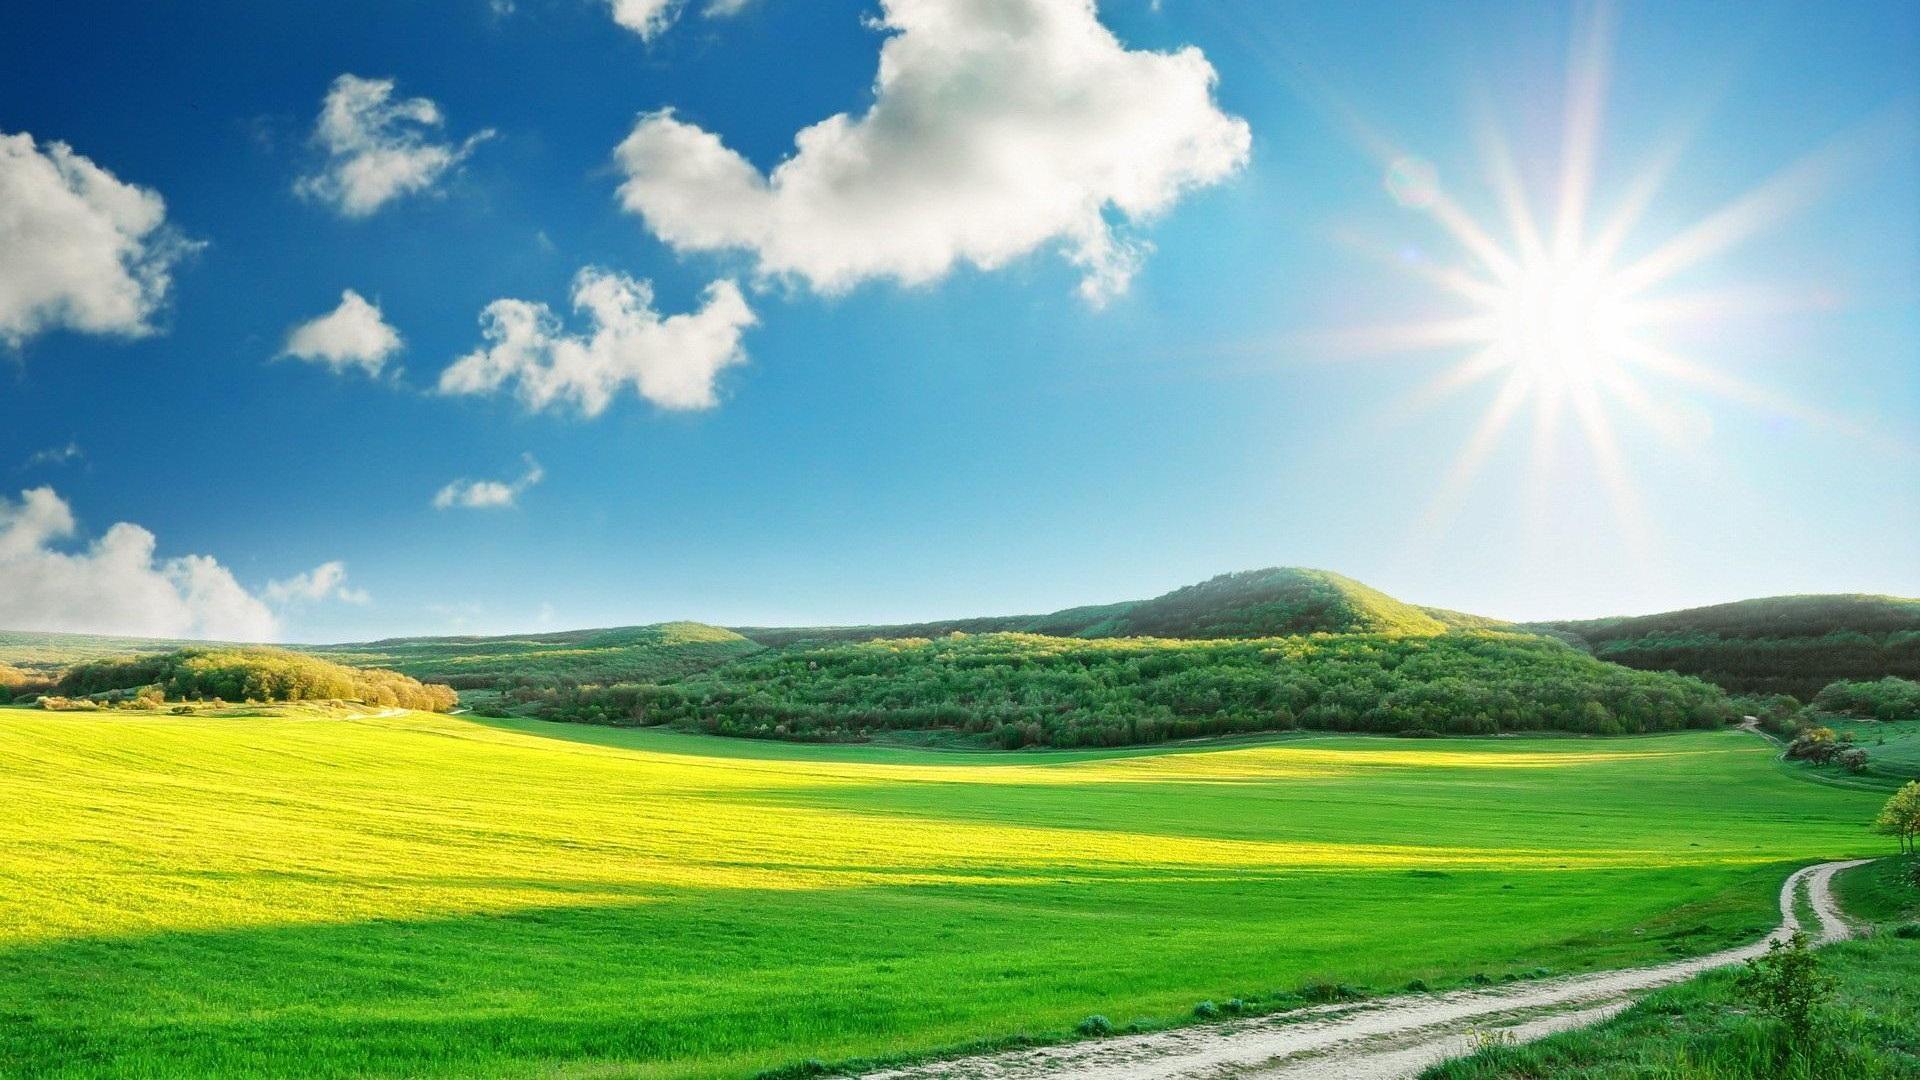 Sunny Day Wallpaper Desktop - WallpaperSafari